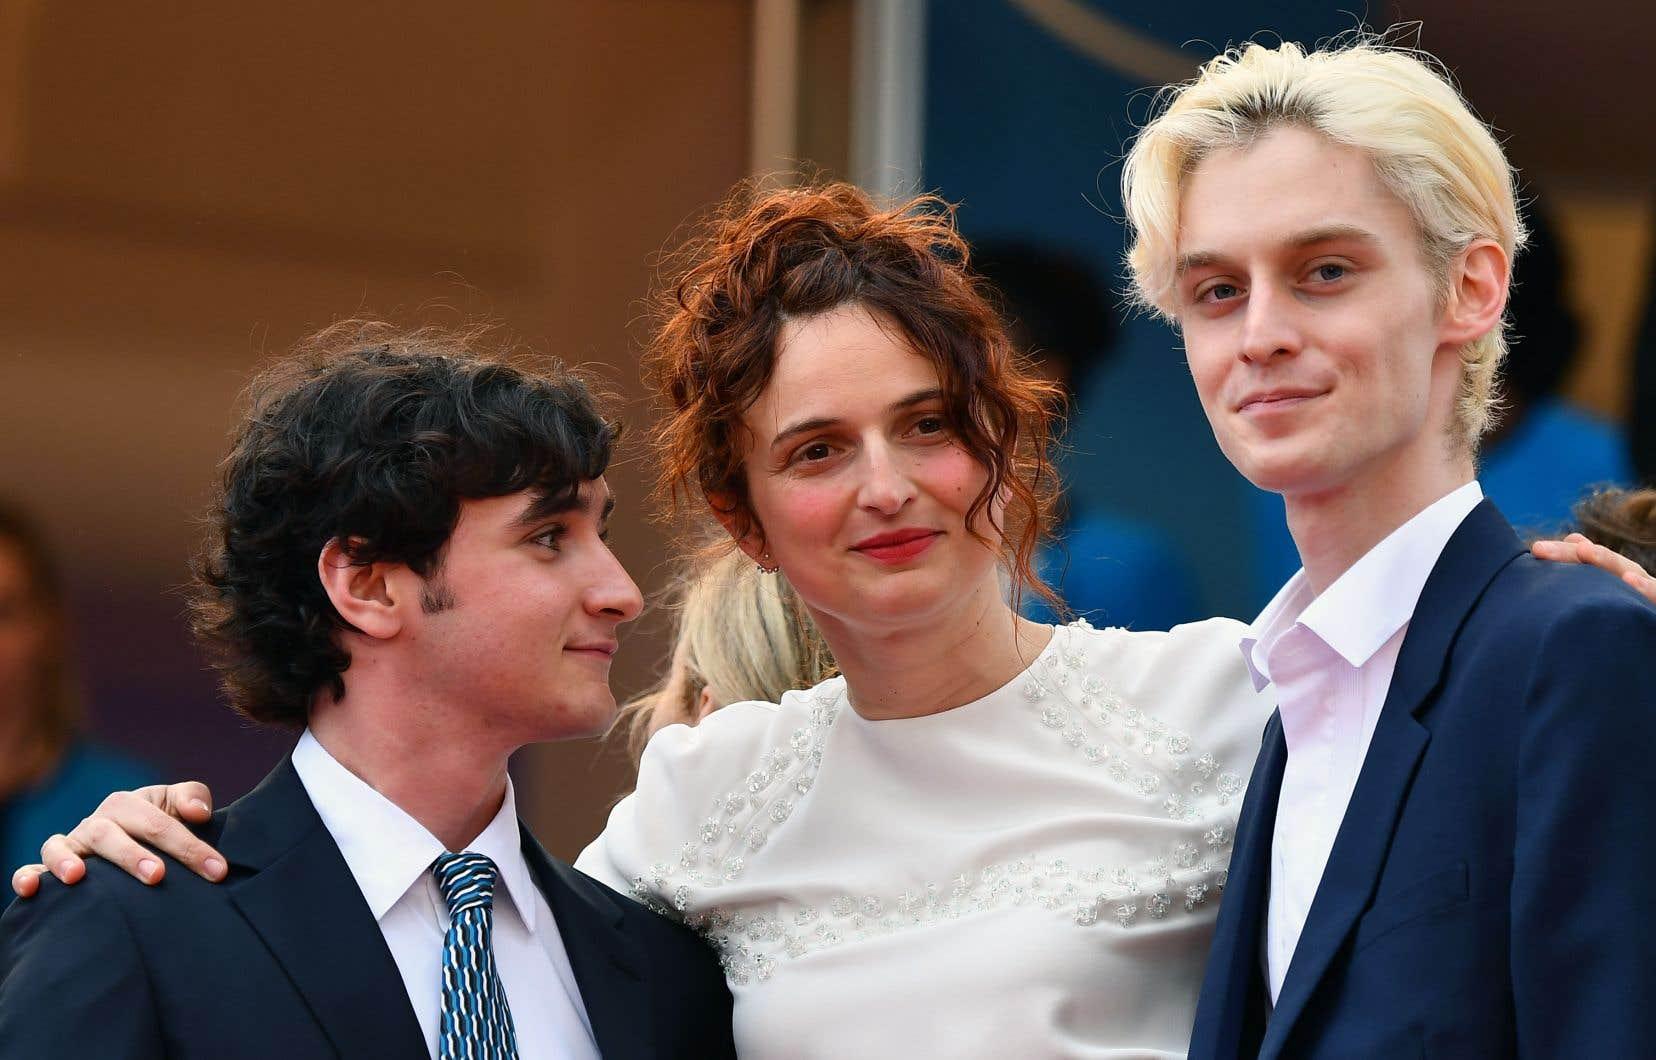 La réalisatrice italienne Alice Rohrwacher entourée des acteurs Adriano Tardiolo et Luca Chikovani, de son dernier long métrage, «Heureux comme Lazzaro».